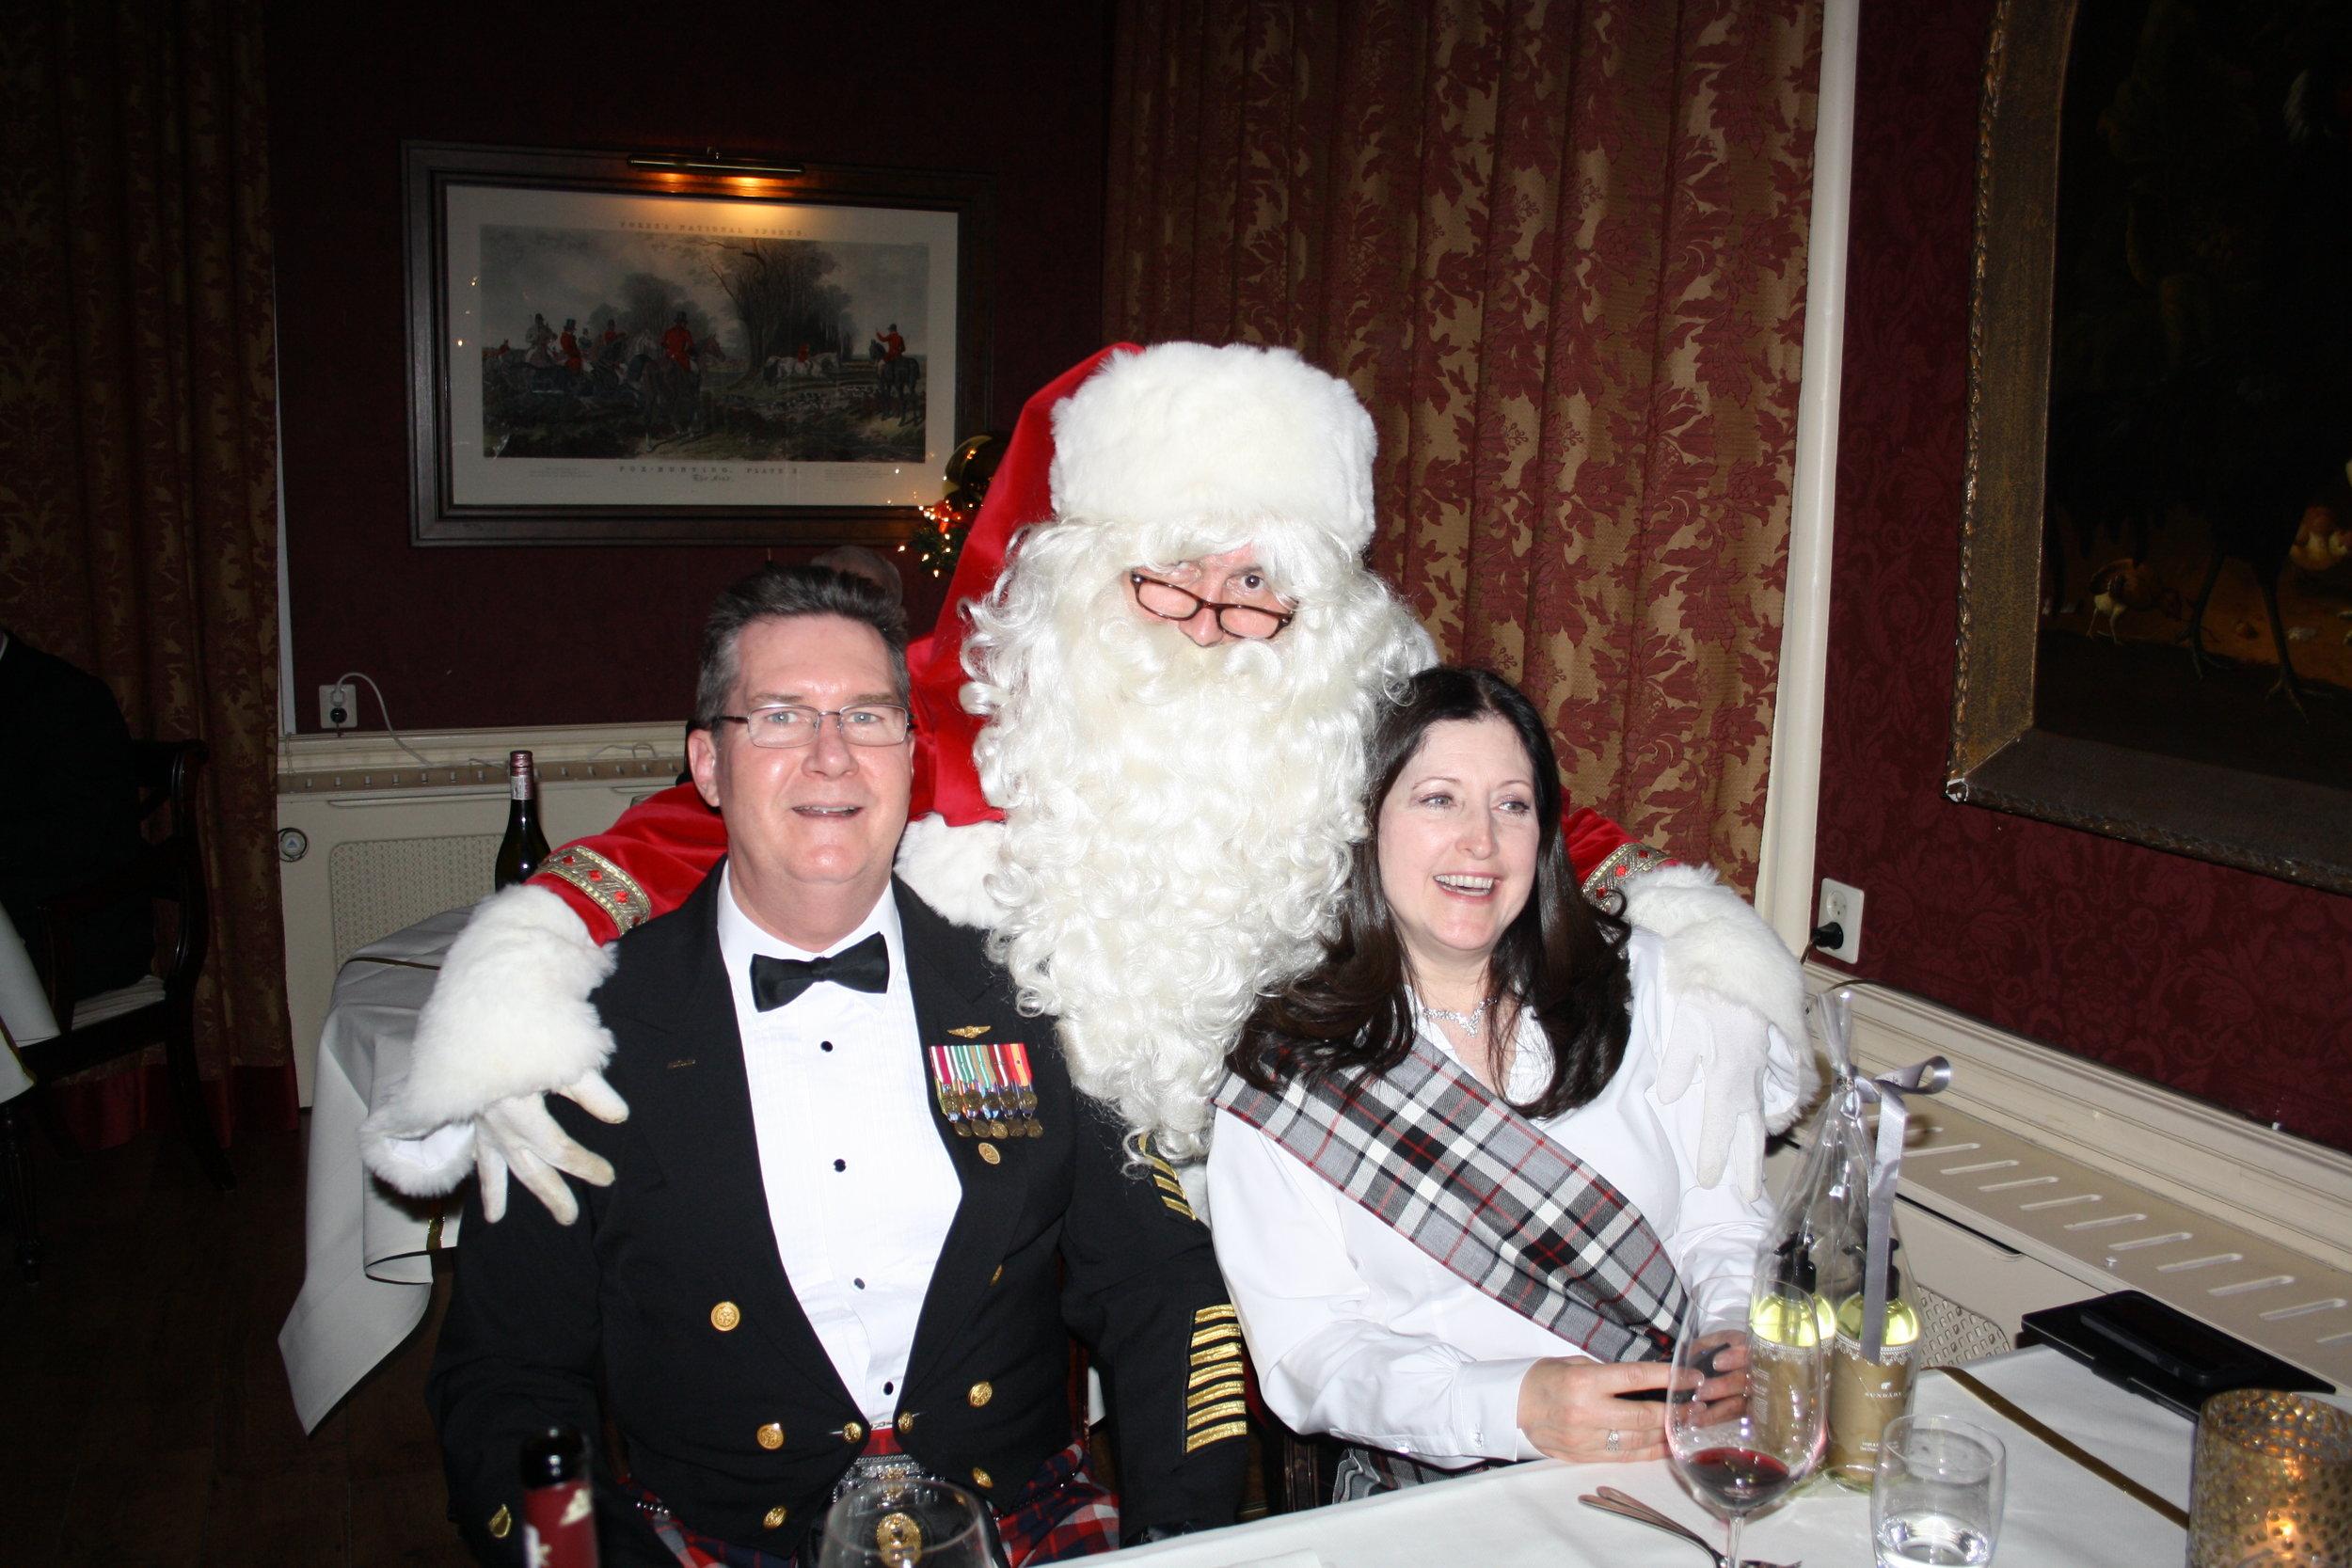 Denise and Mark Thomas Christmas Dinner 2018 at Kastel Engelenburg Brummen, Netherlands